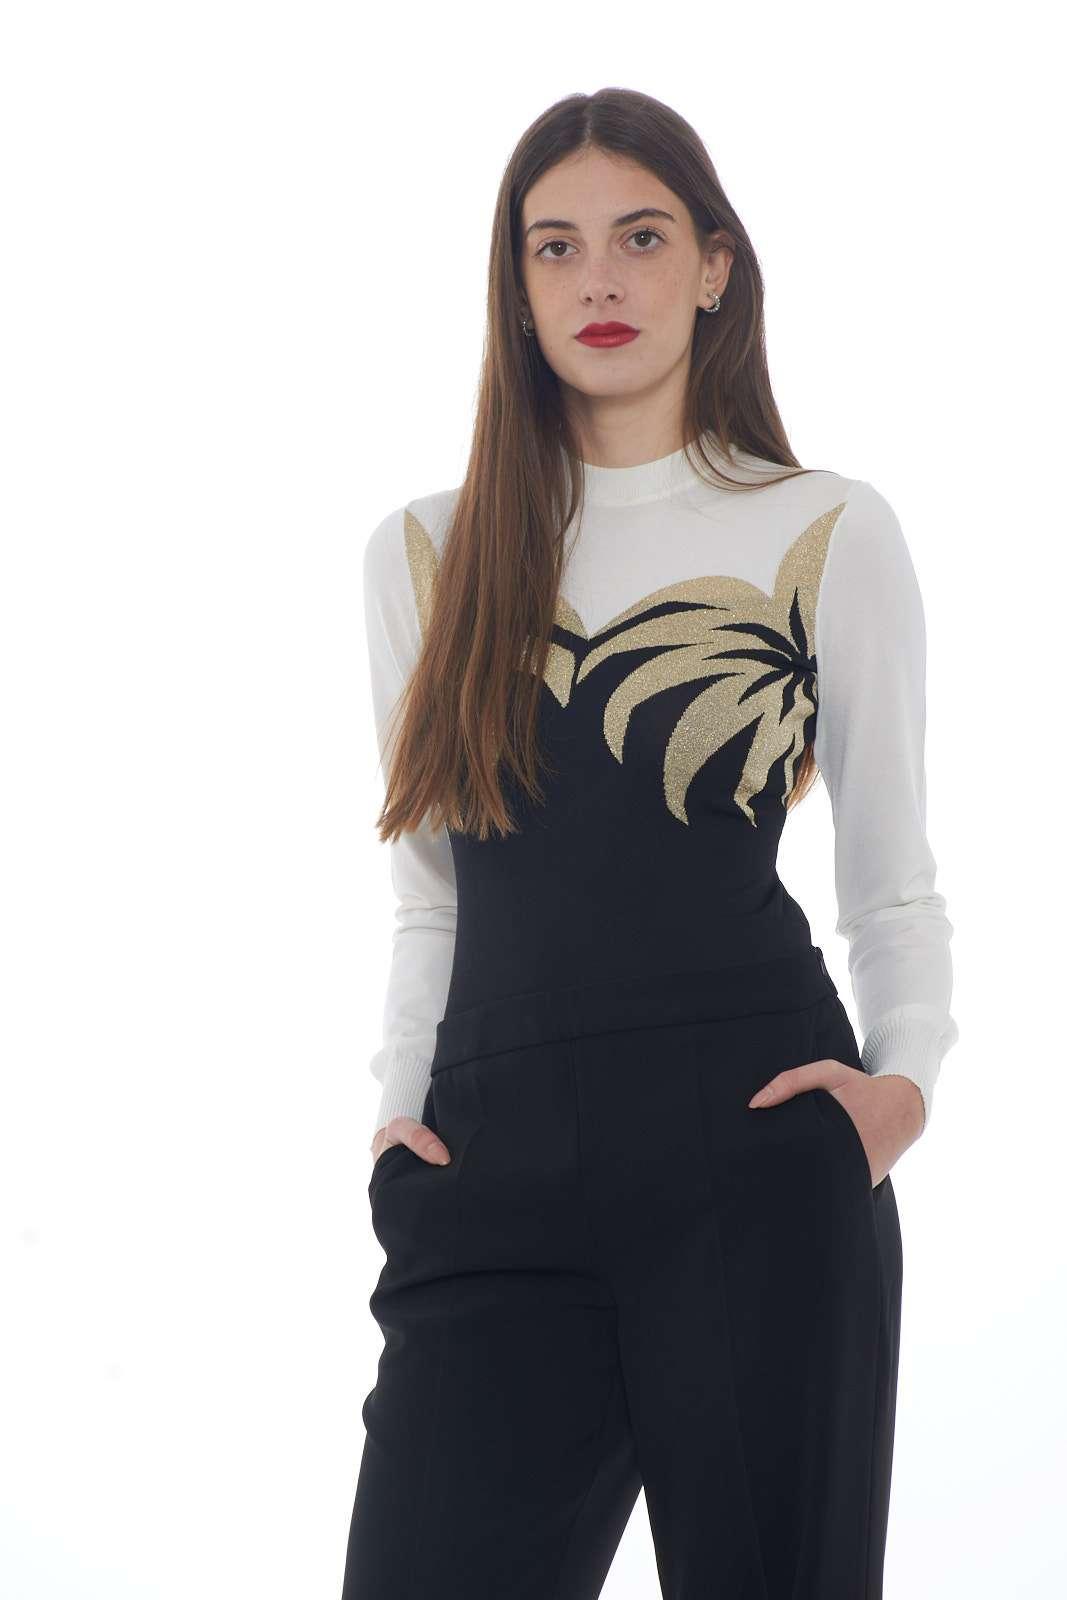 Unico per stile e classe, il body donna firmato Moschino Boutique conquista con il suo stile glamour chic. La manica lunga e lo scollo tondo fanno da cornice alla lavorazione floreale con filo lurex. Da abbinare a tutti gli stili è un connubio di classe e lusso.